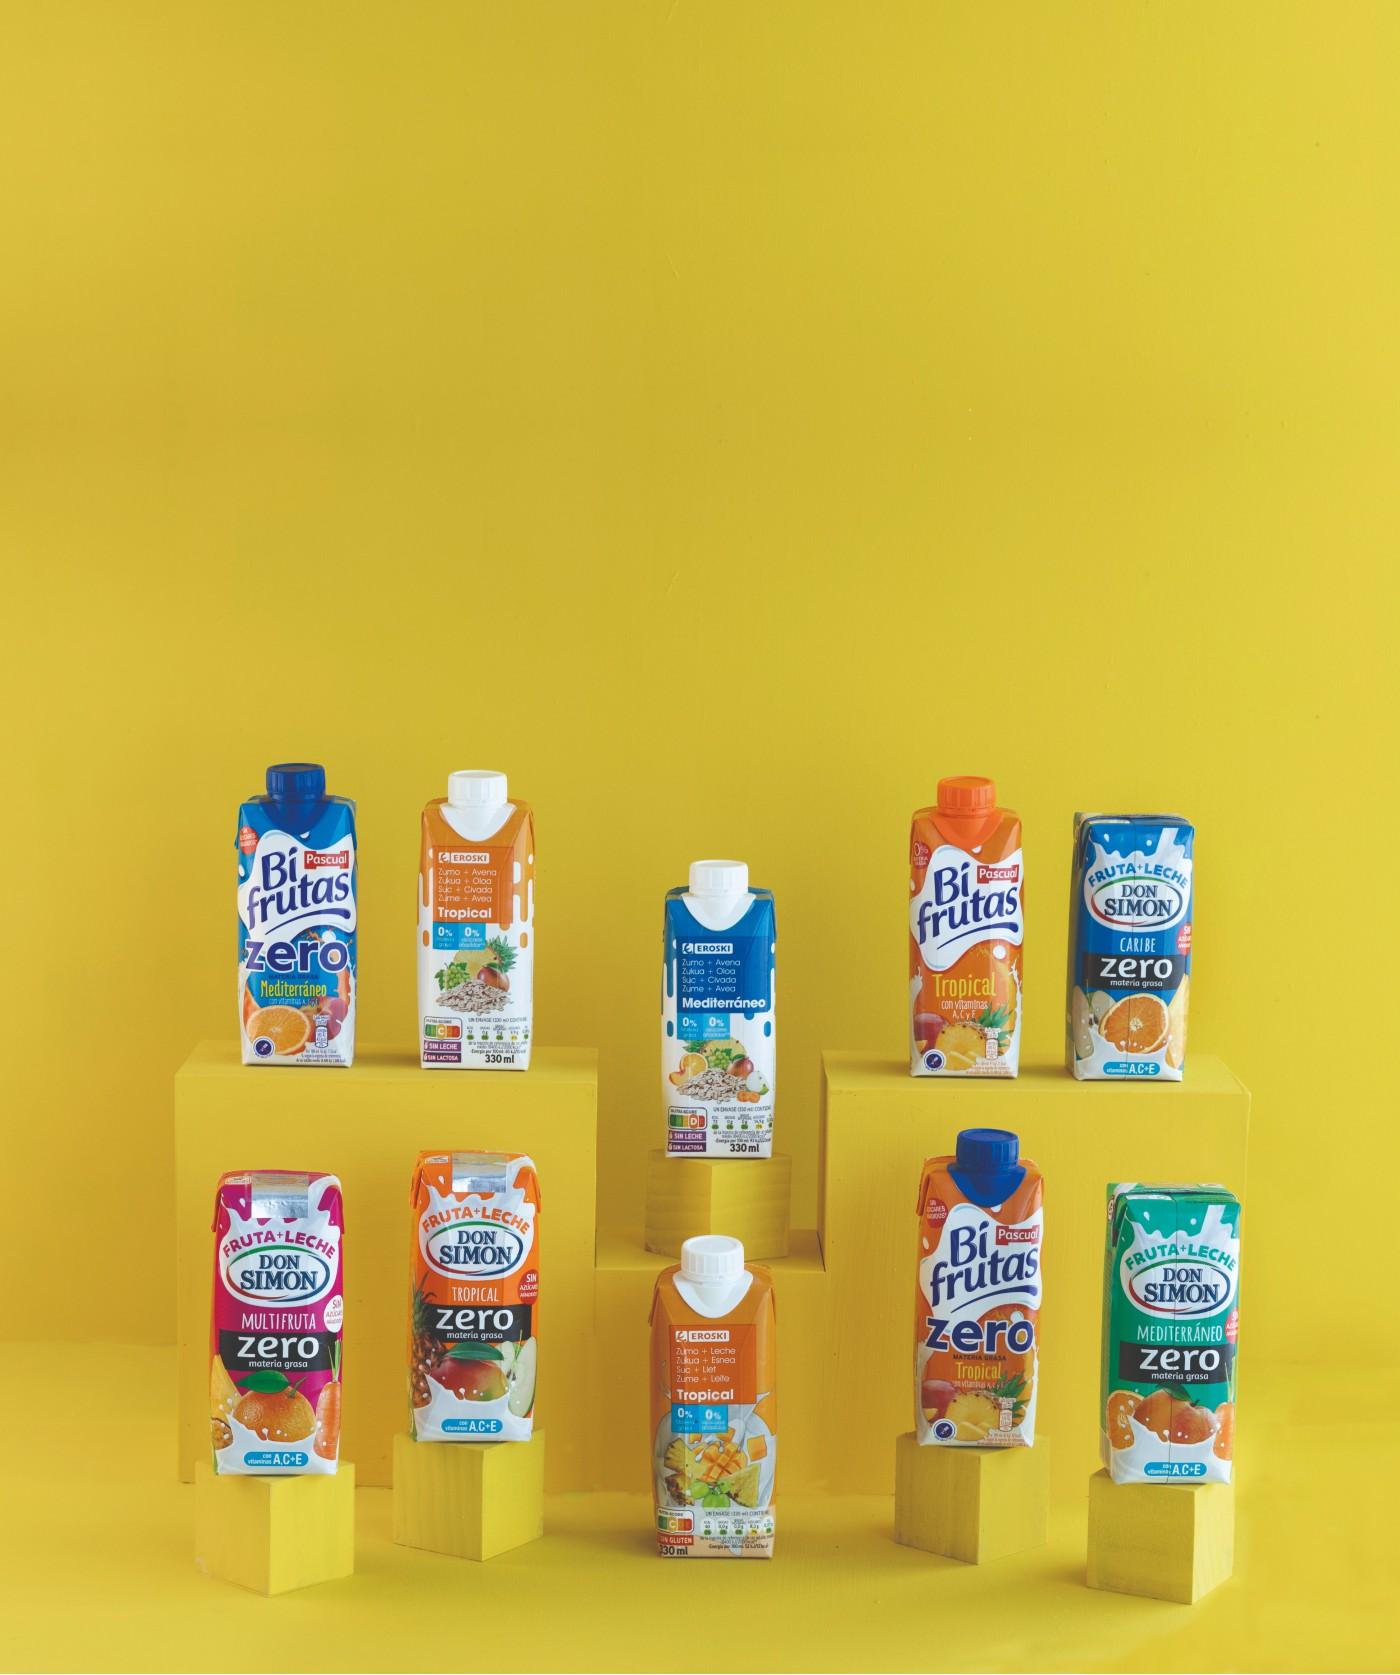 Estas bebidas destacan la presencia de ingredientes que realmente se encuentran en pequeñas proporciones. Tampoco son la opción más saludable para los más pequeños.